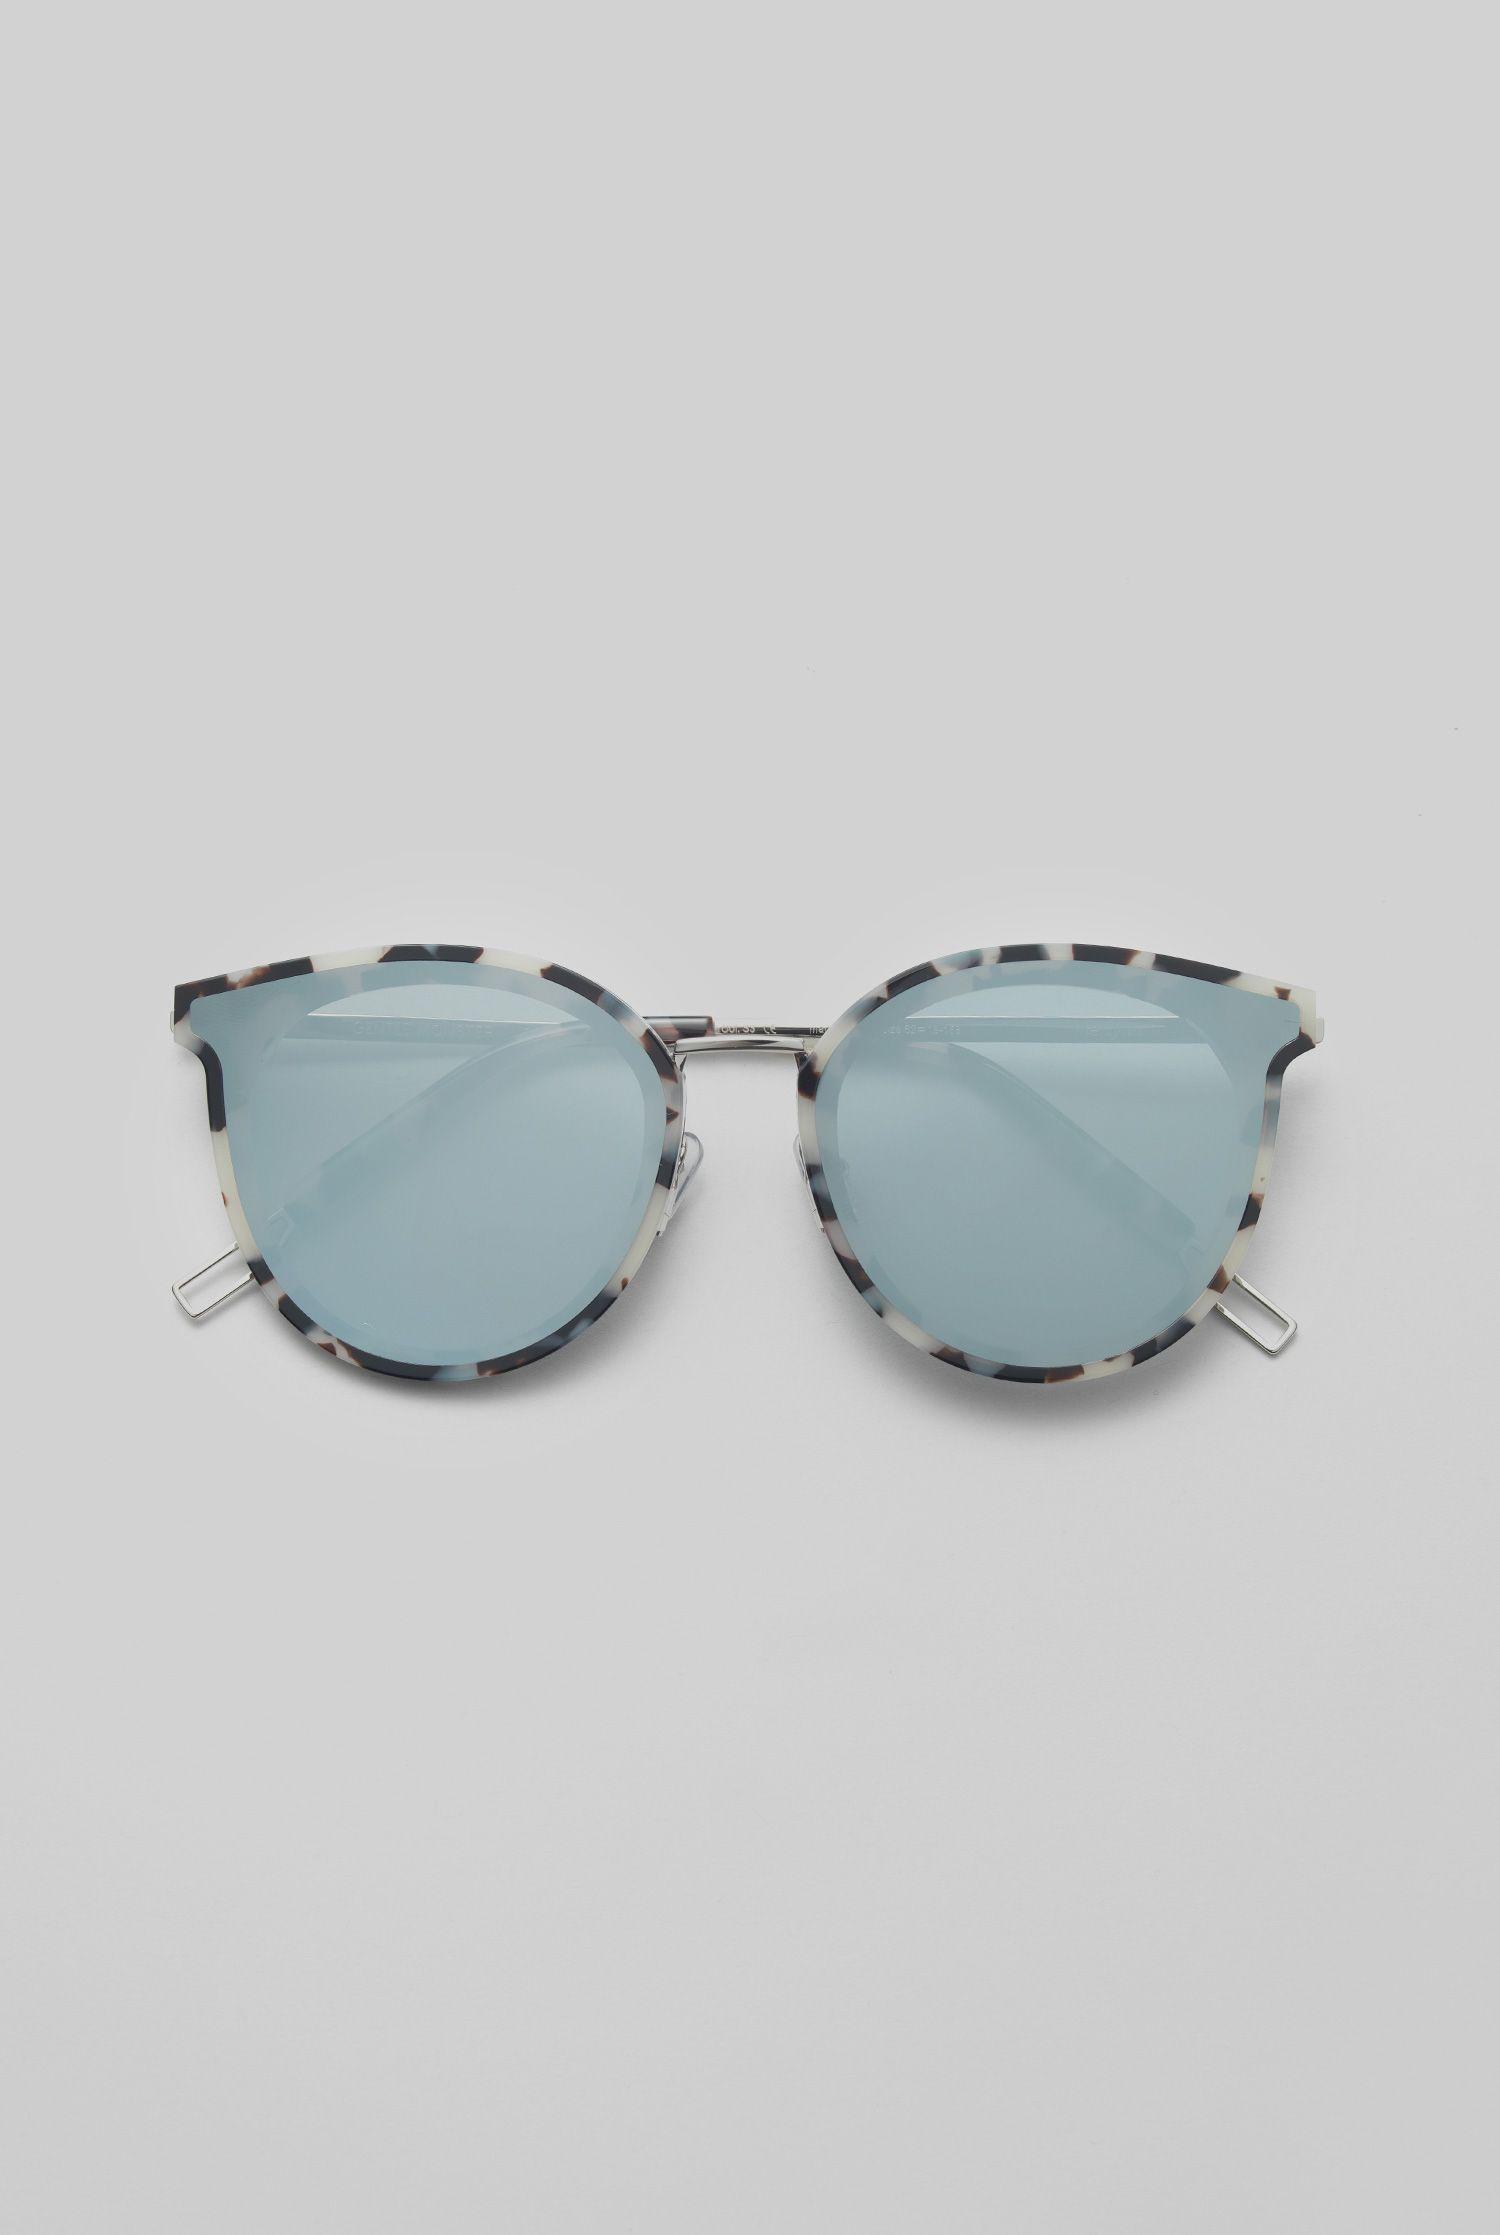 63e012c2703 GENTLE MONSTER 2018 Sunglasses MERLYNN S3(1M) FLATBA